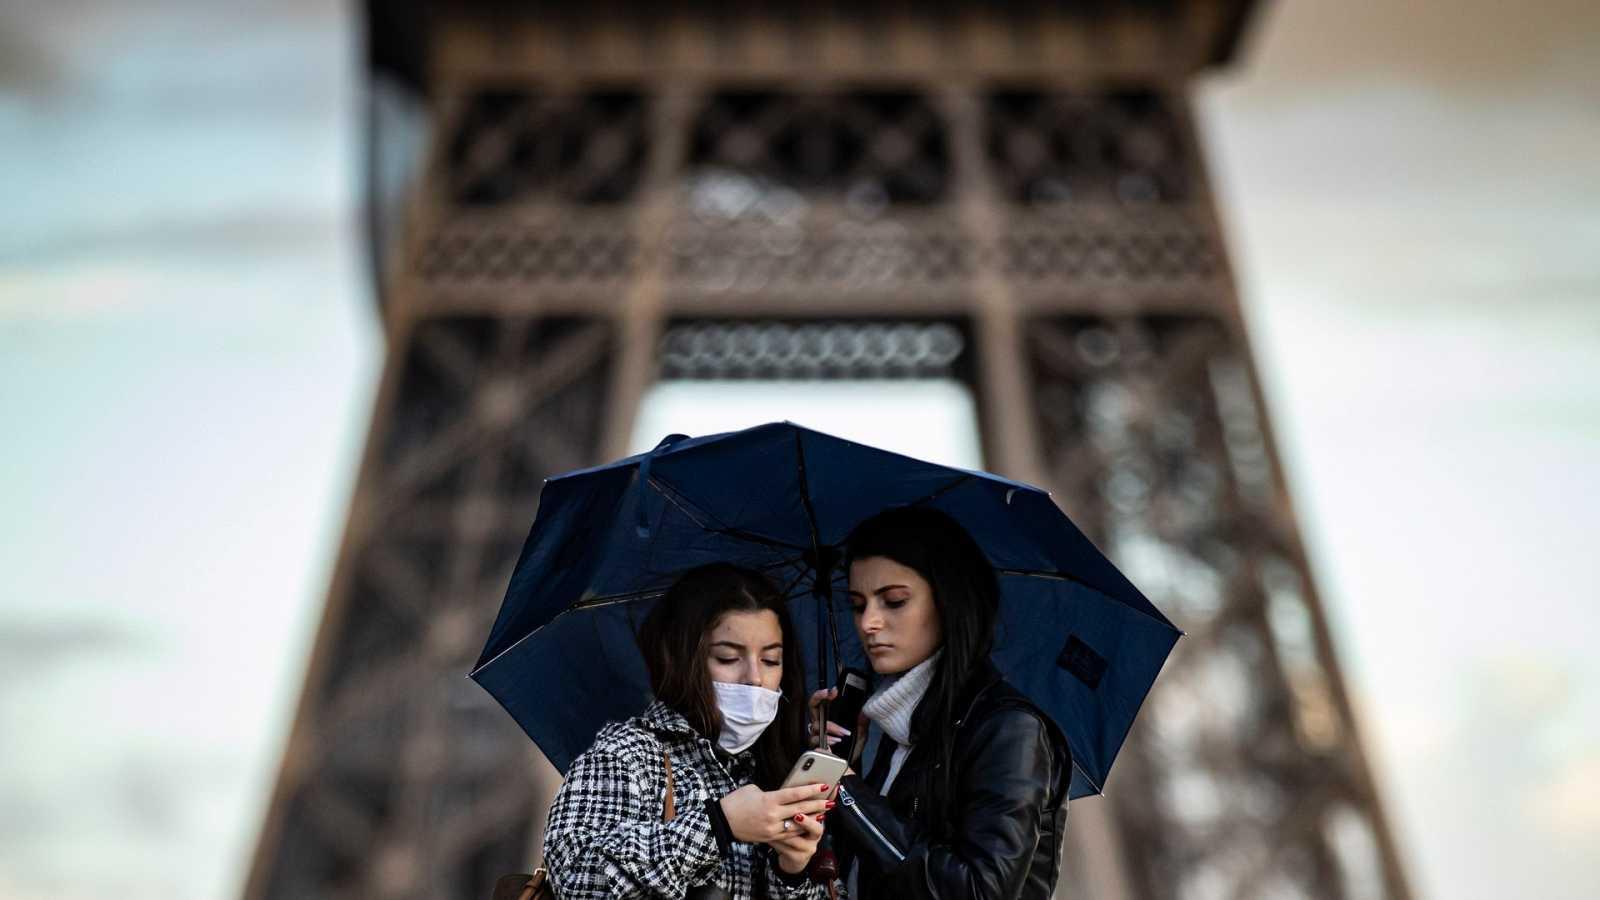 Francia anuncia nuevas restricciones para frenar el coronavirus